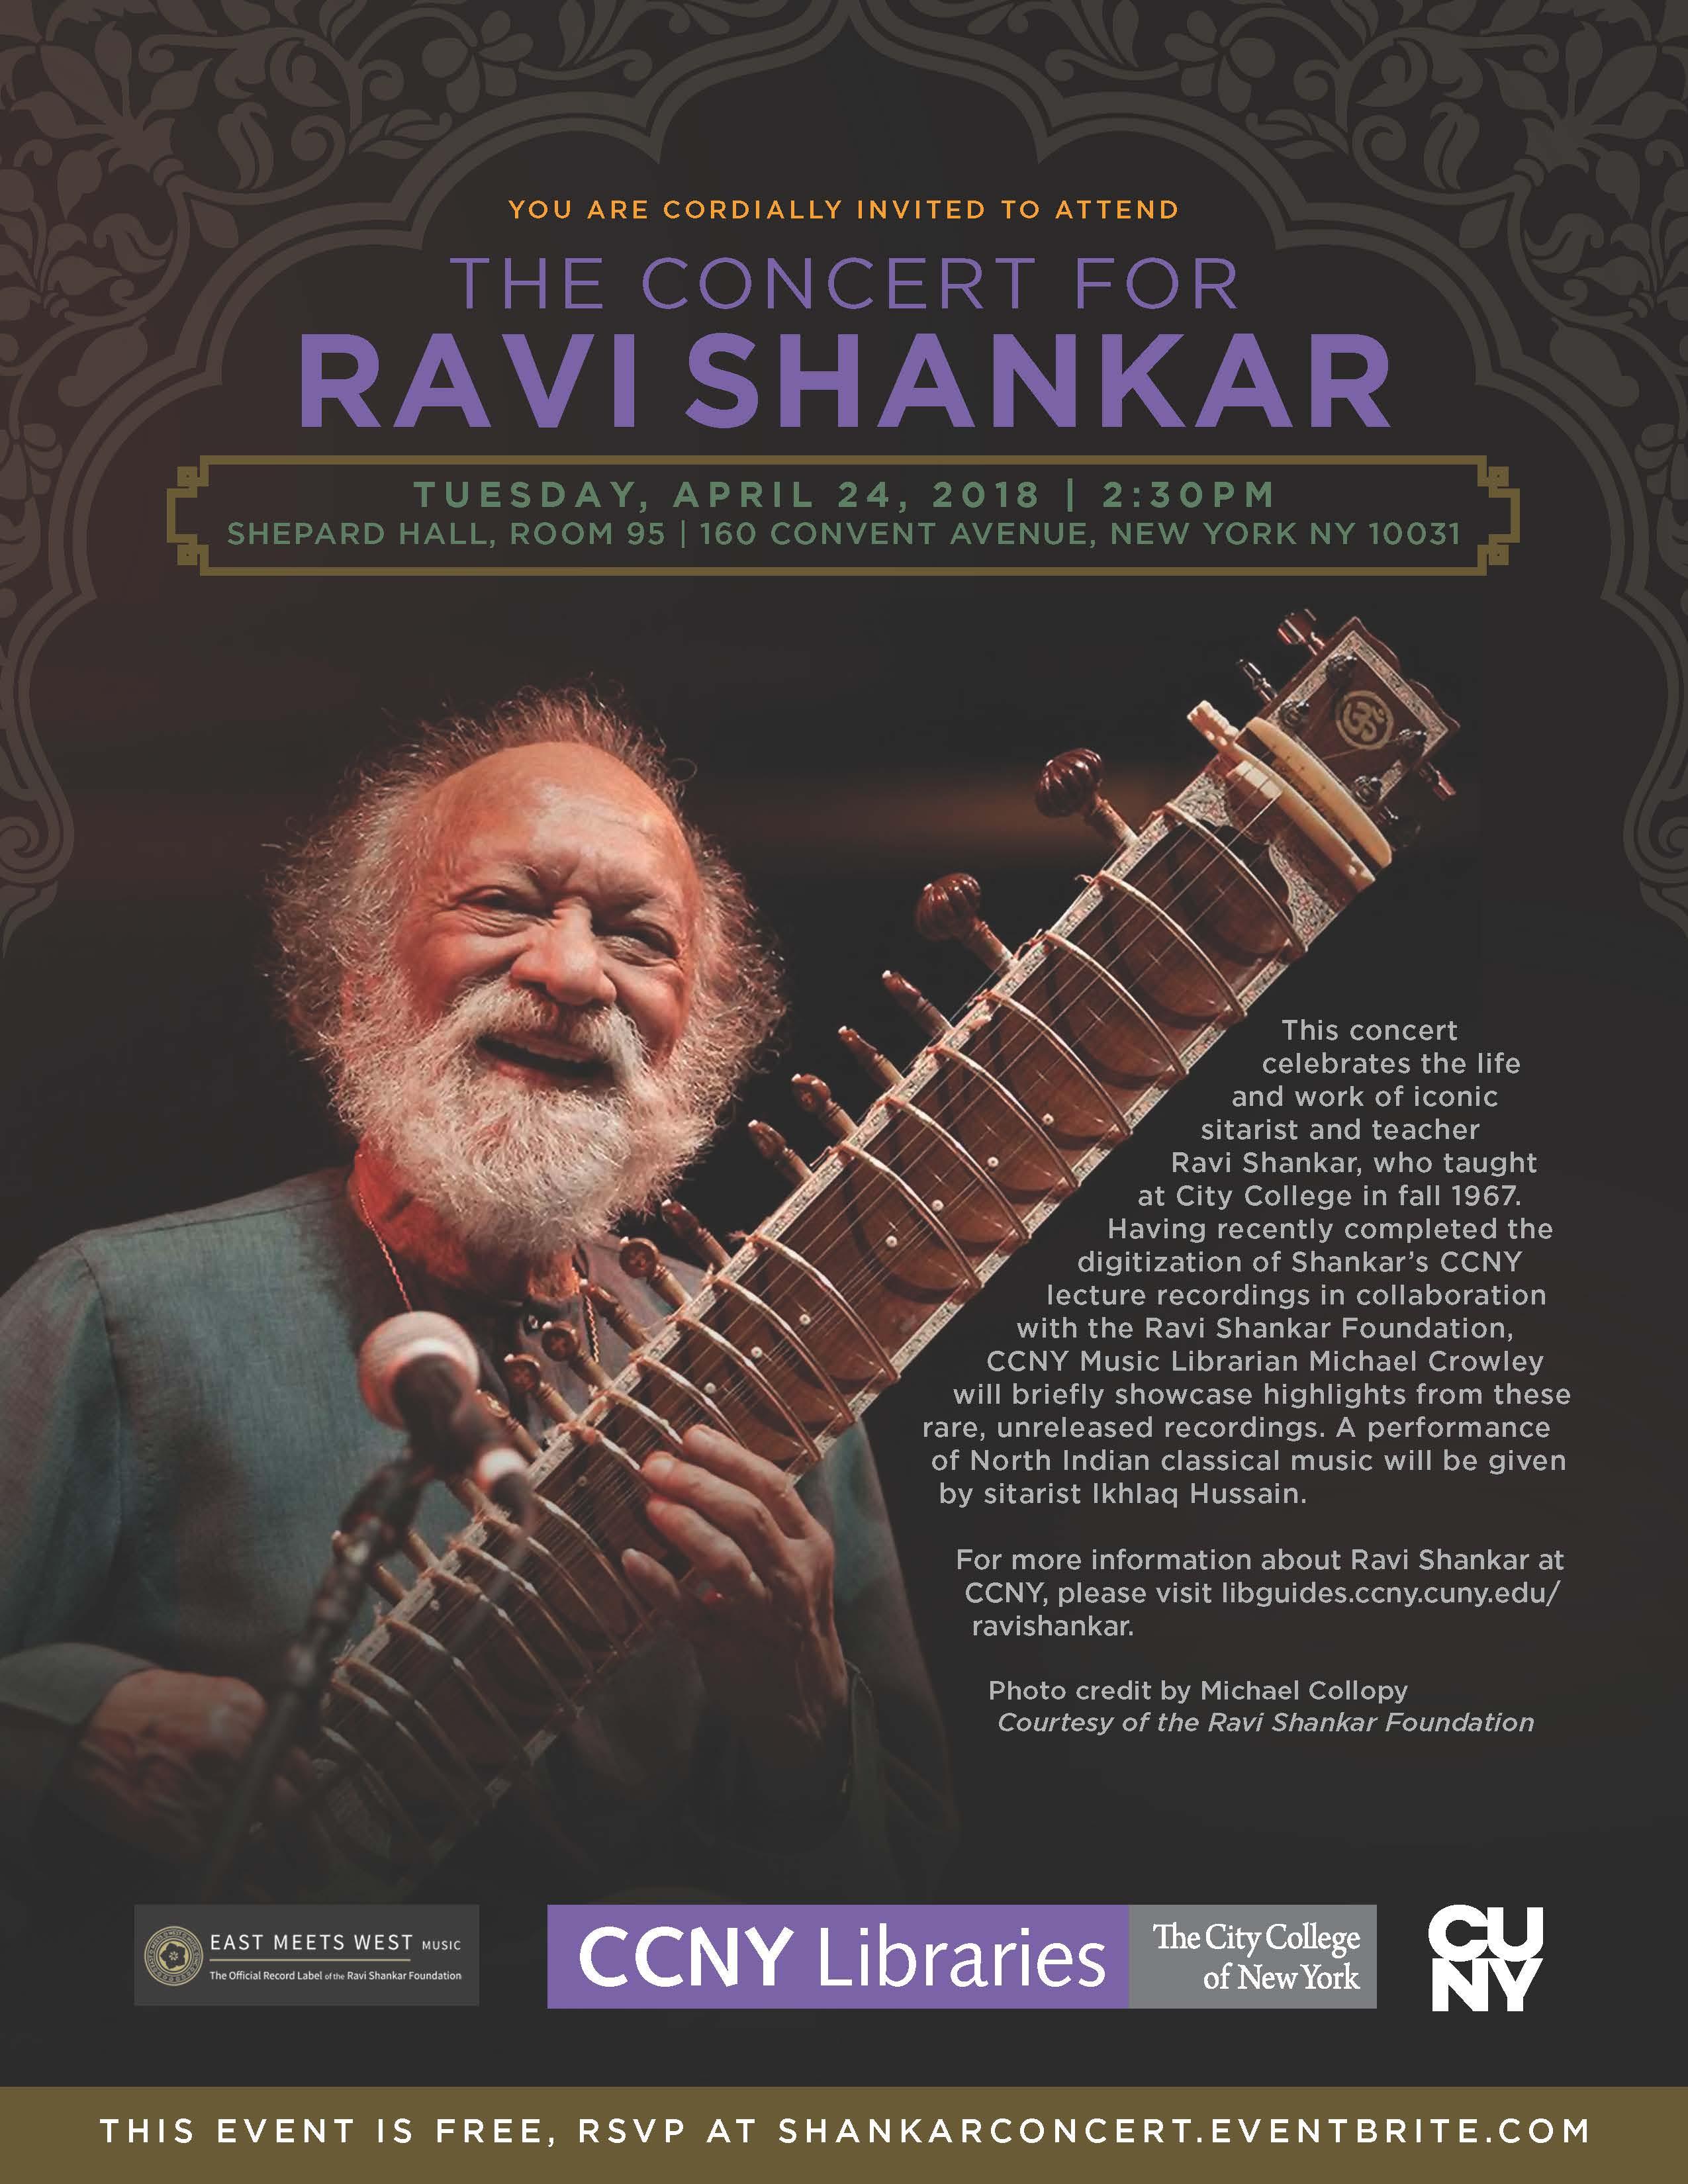 The Concert for Ravi Shankar